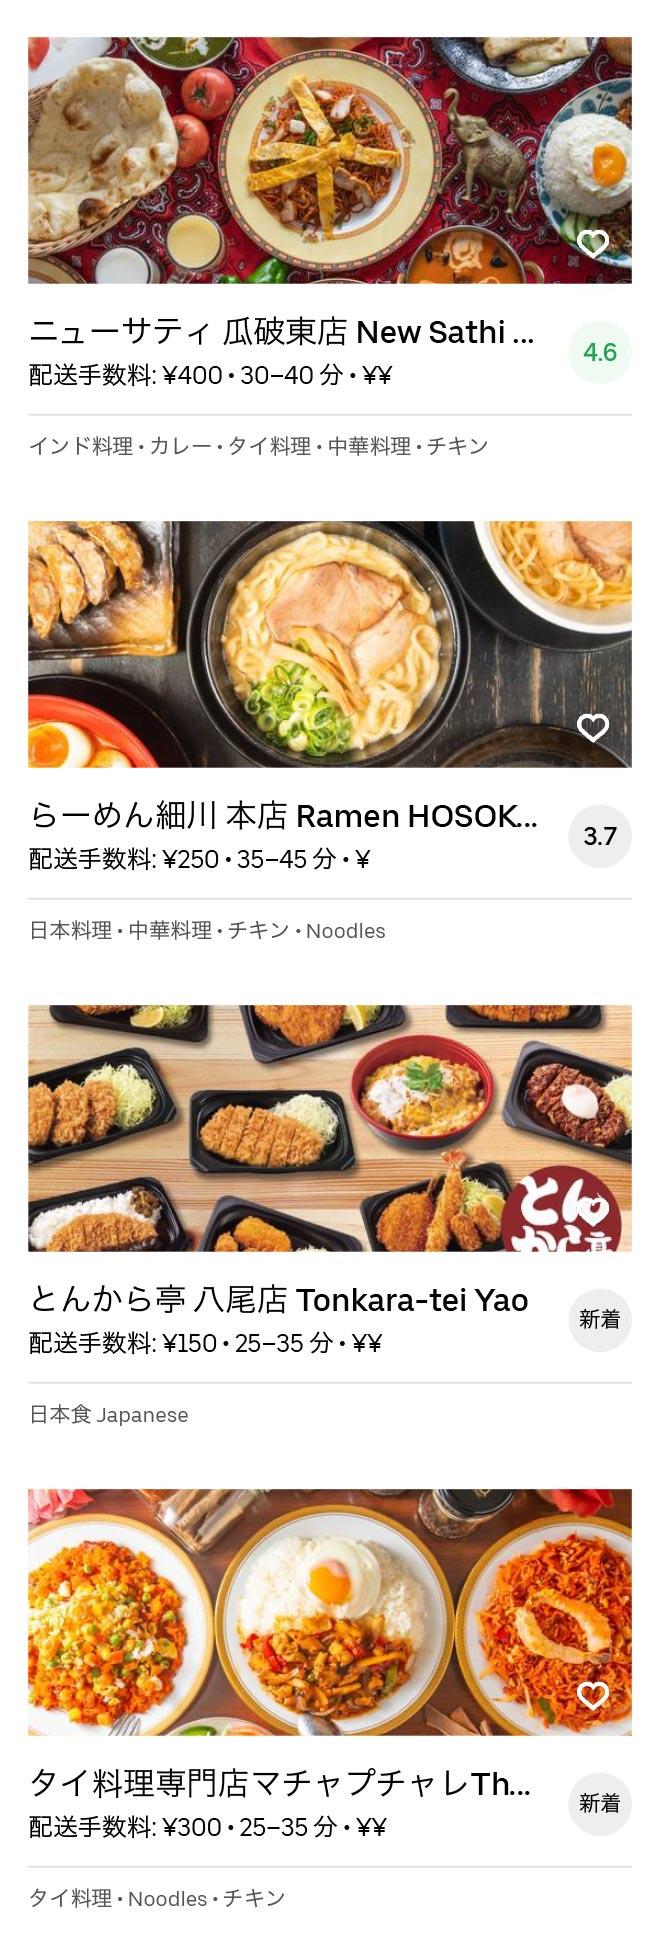 Osaka yao menu 2005 11